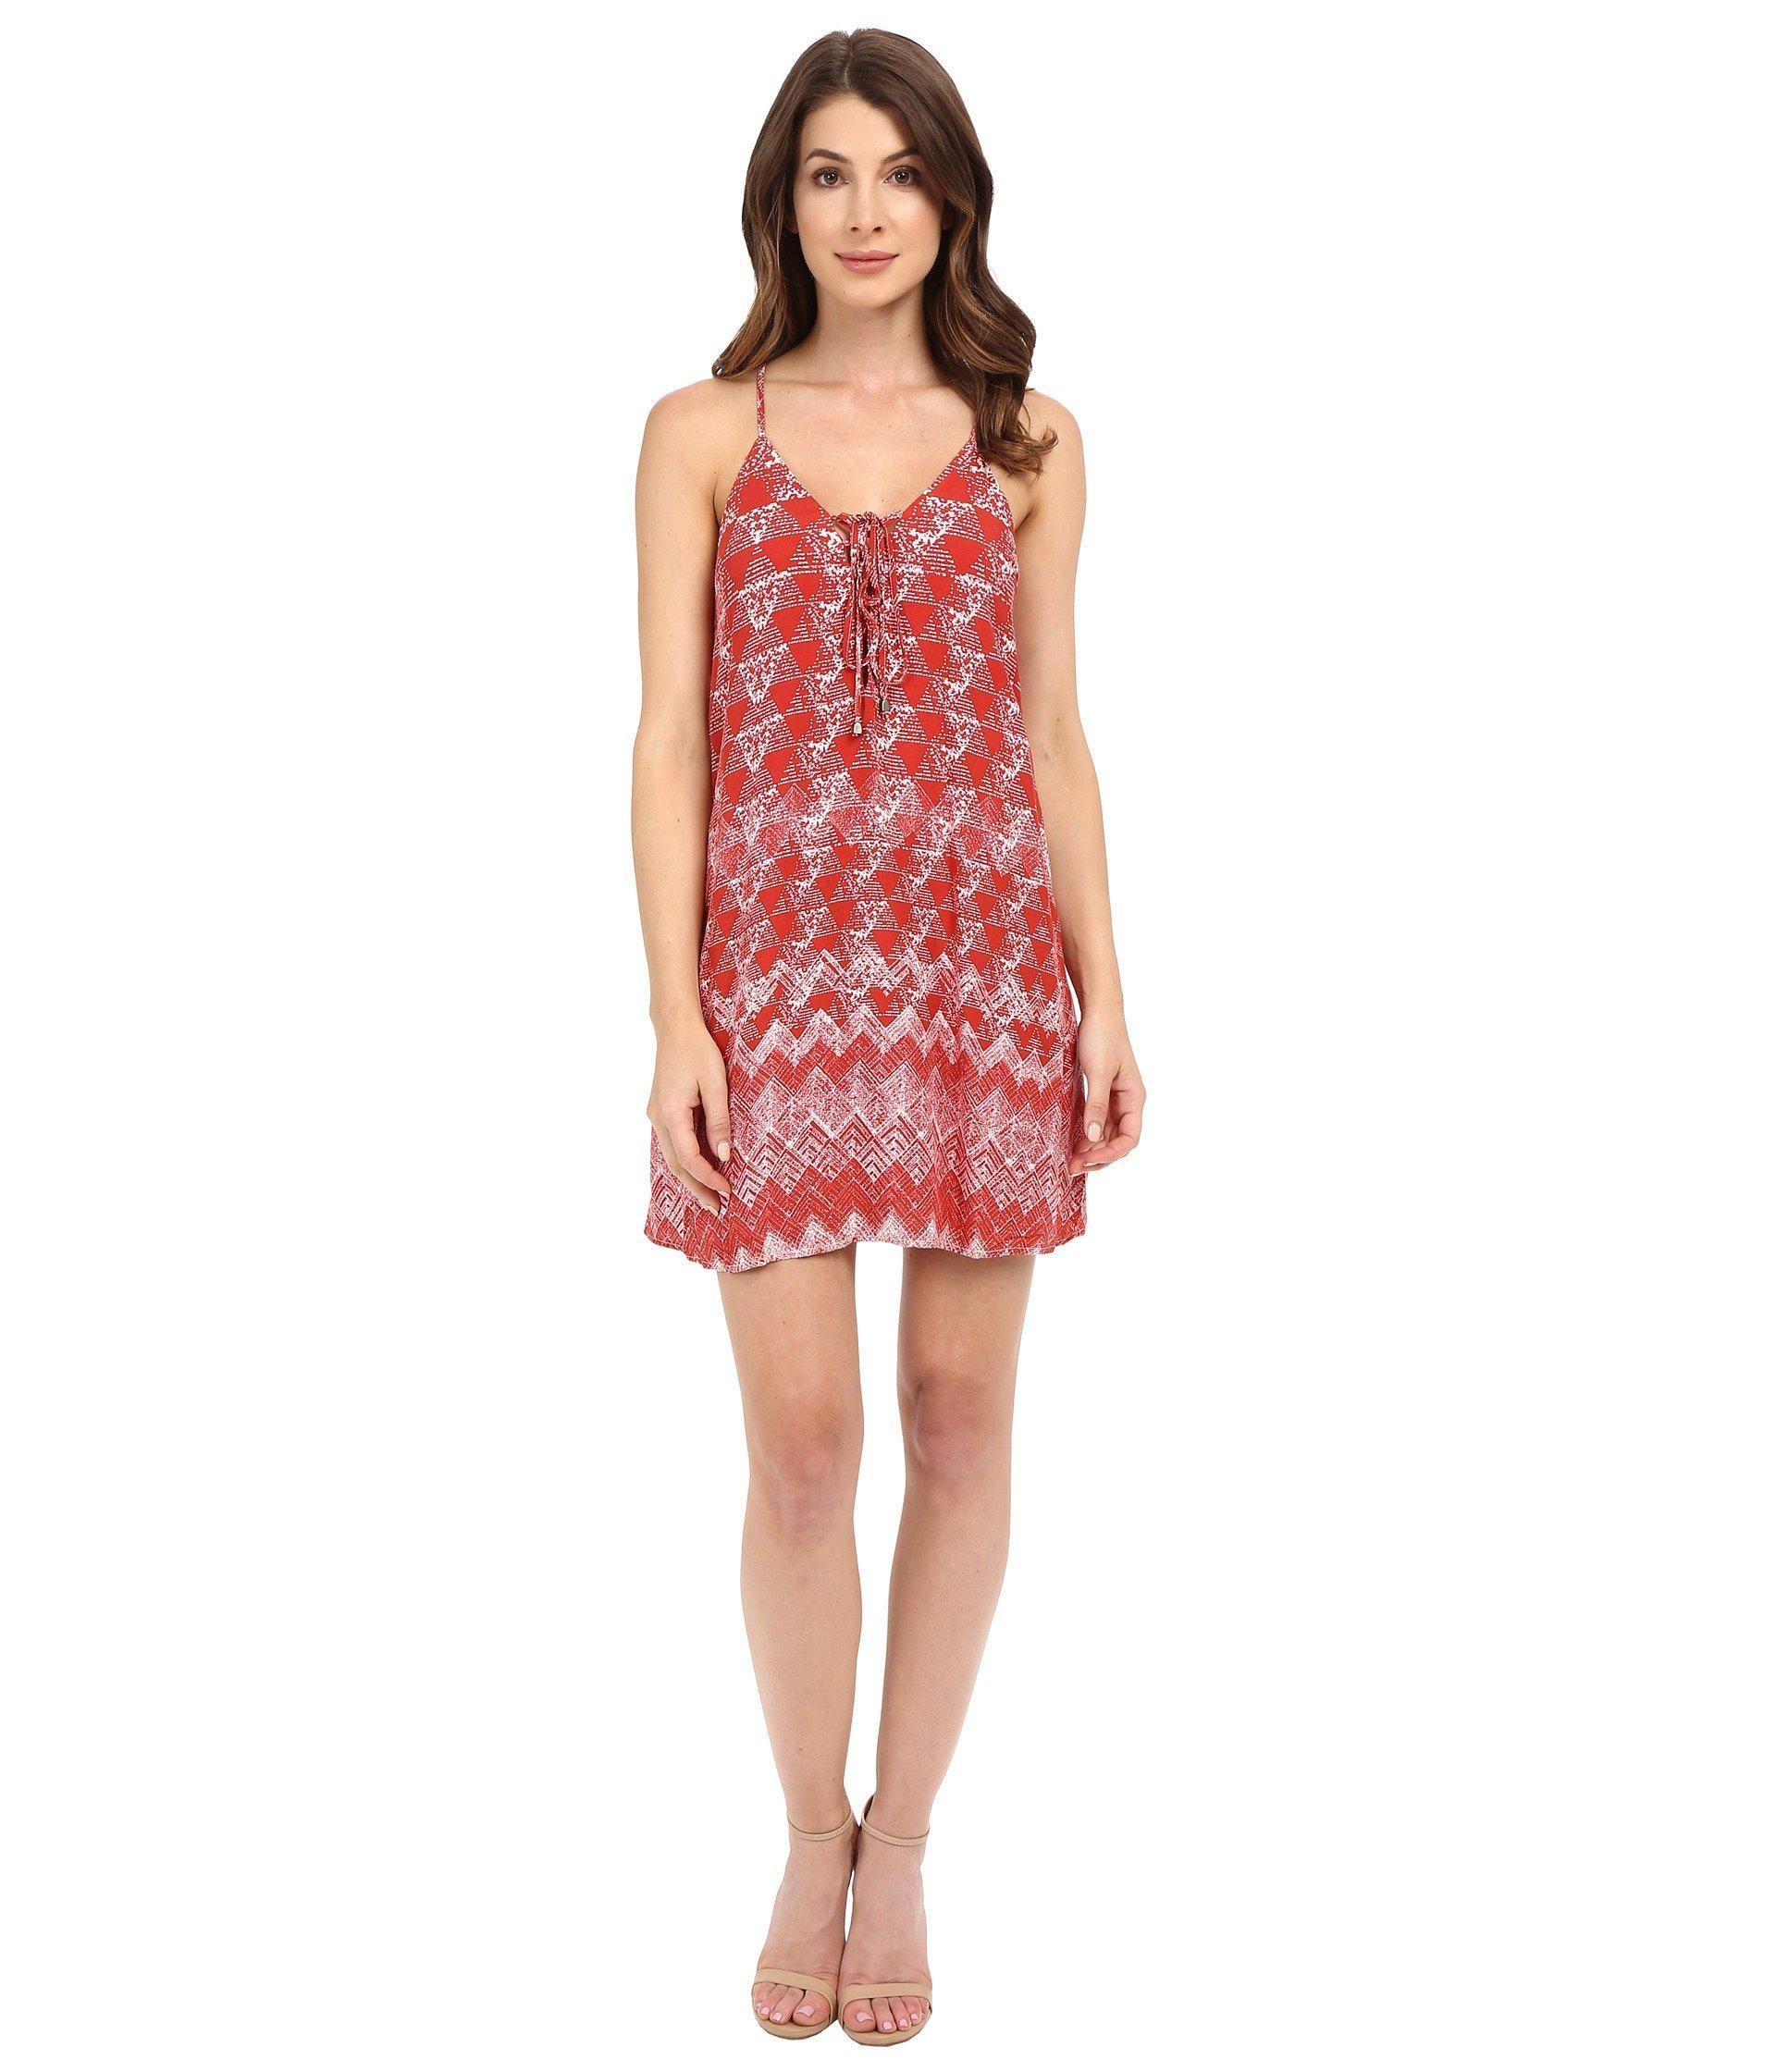 a51291b6ab1 Lyst - Brigitte Bailey Hadley Cami Dress in Red